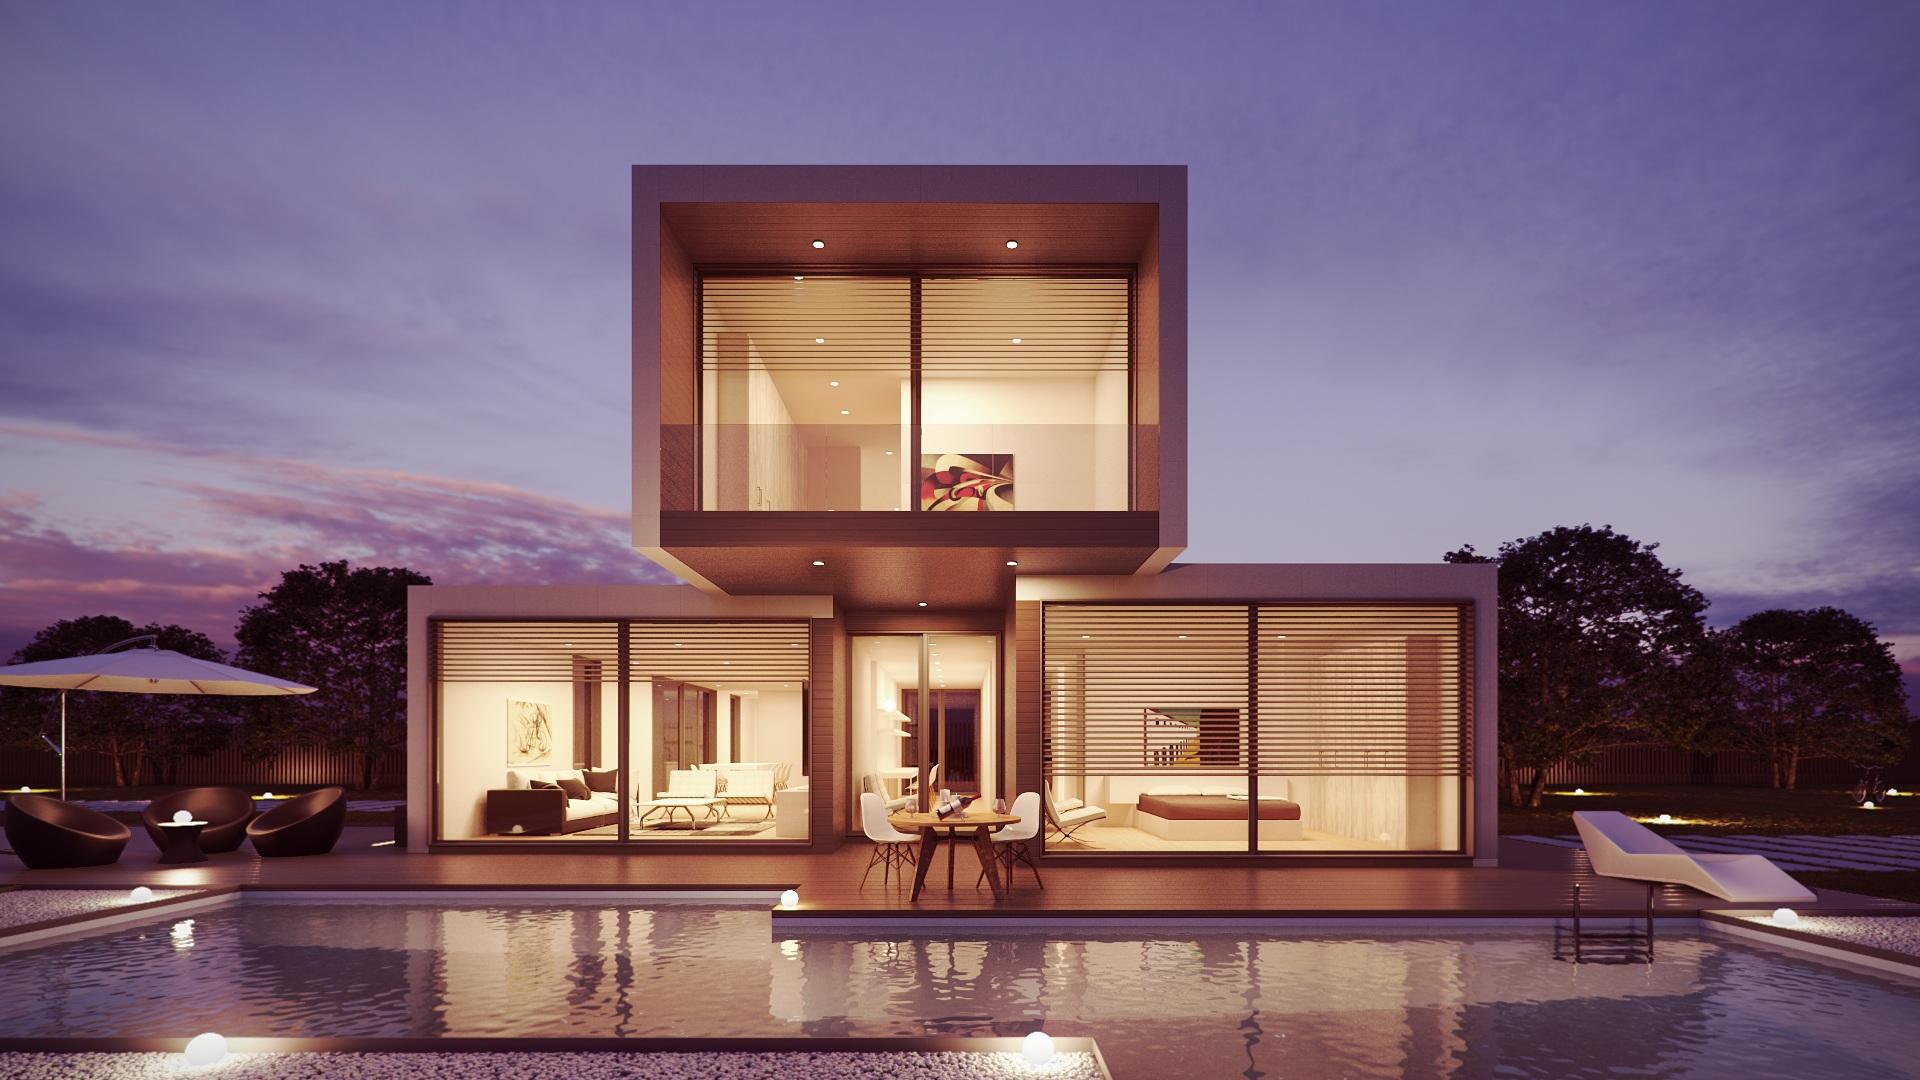 , Comment prendre des photos d'intérieur pour une agence immobilière ? 7 astuces simples, Gabriel GORGI